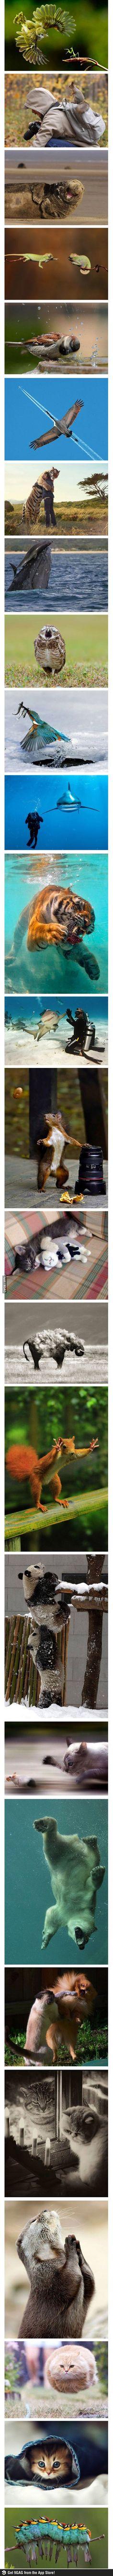 這些動物照好有戲 XD